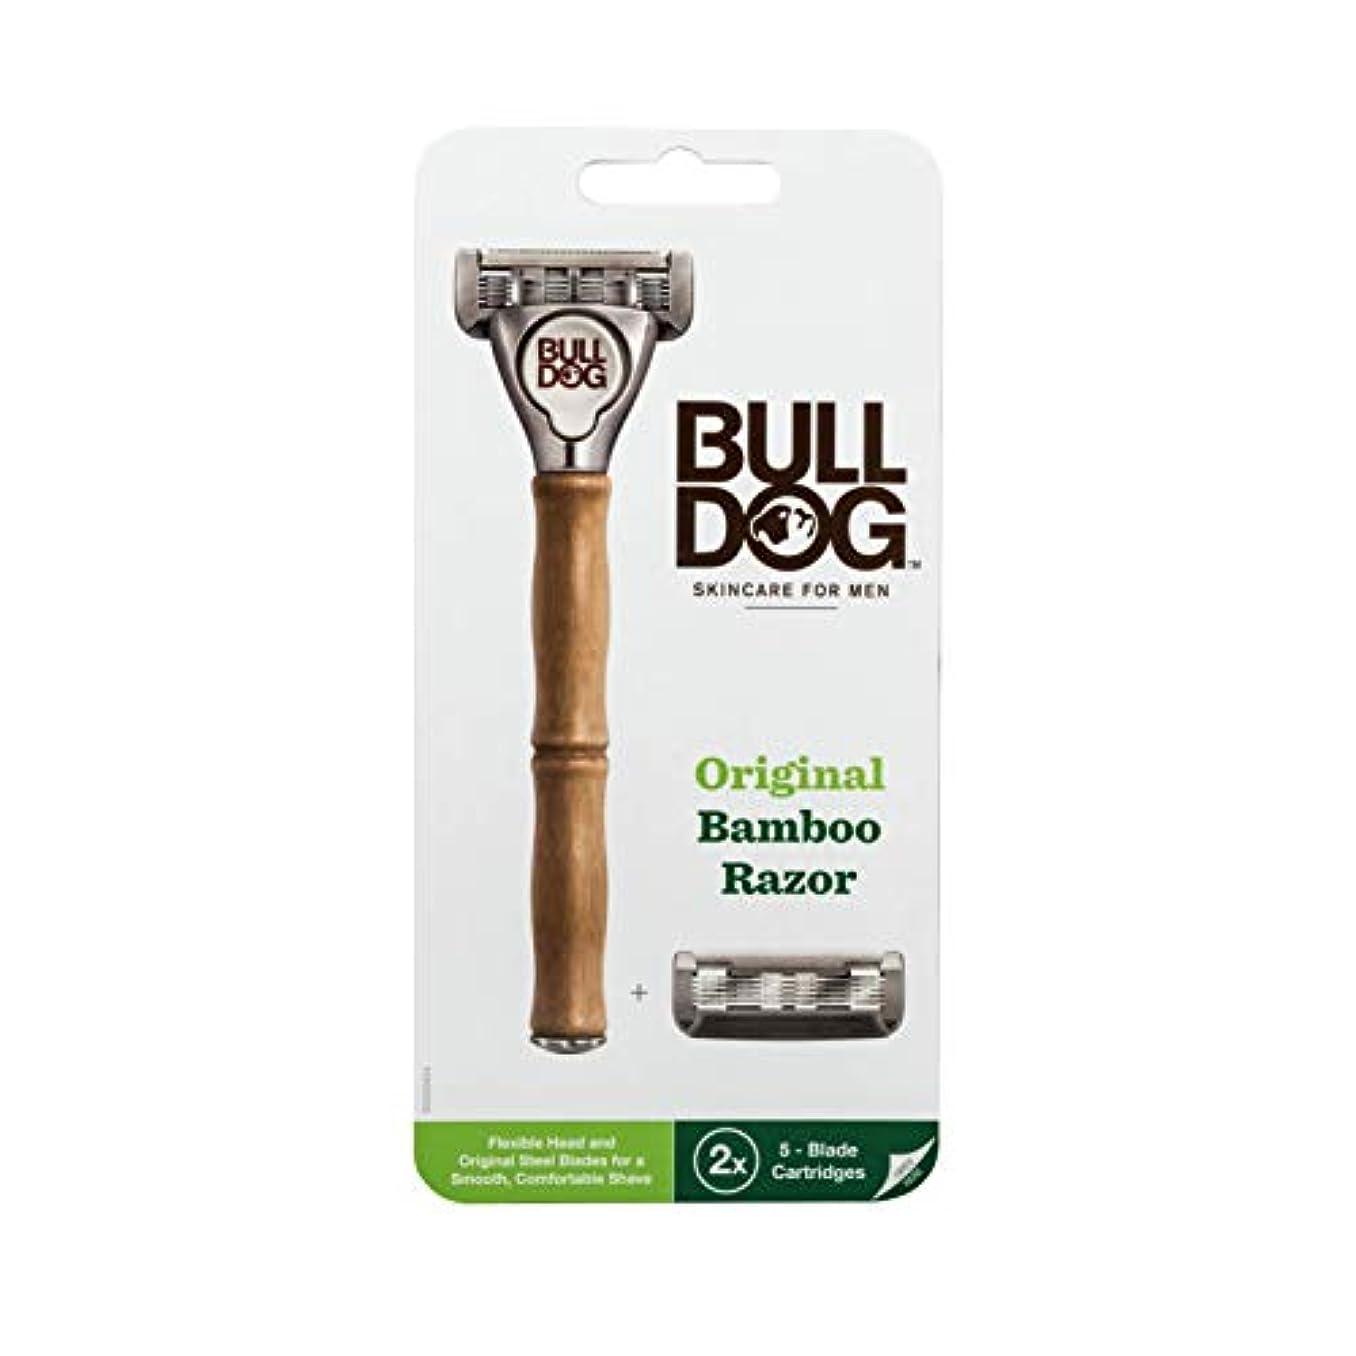 無駄にダウンタウン操るBulldog(ブルドッグ) ブルドッグ Bulldog 5枚刃 オリジナルバンブーホルダー 水に強い竹製ハンドル 替刃 2コ付 男性カミソリ ホルダー(1本)、替刃2コ付き(内1コ本体装着済み)